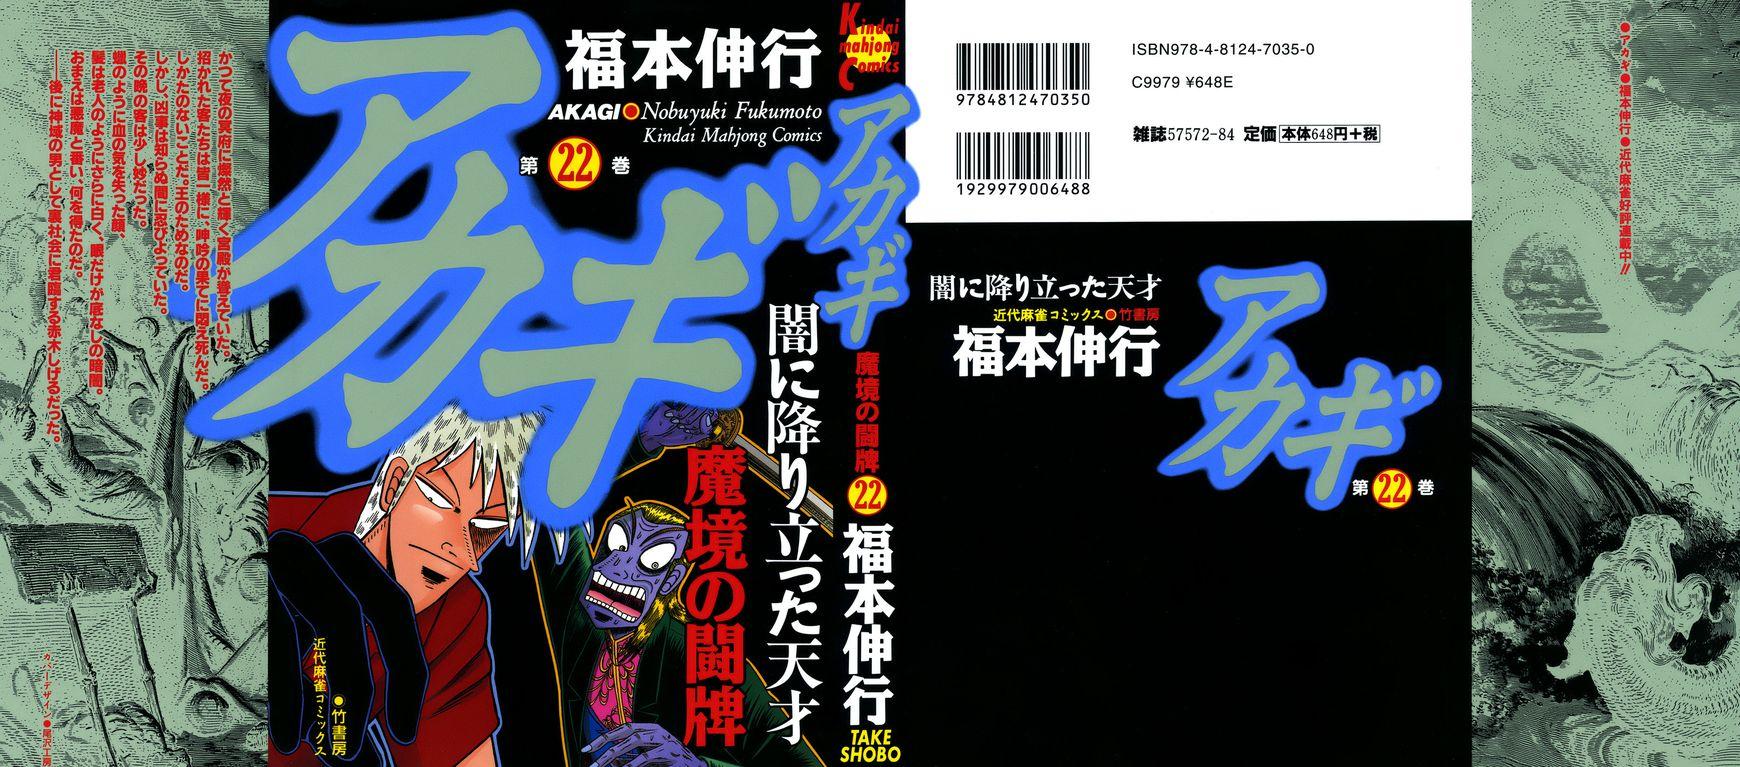 Akagi 186 Page 1